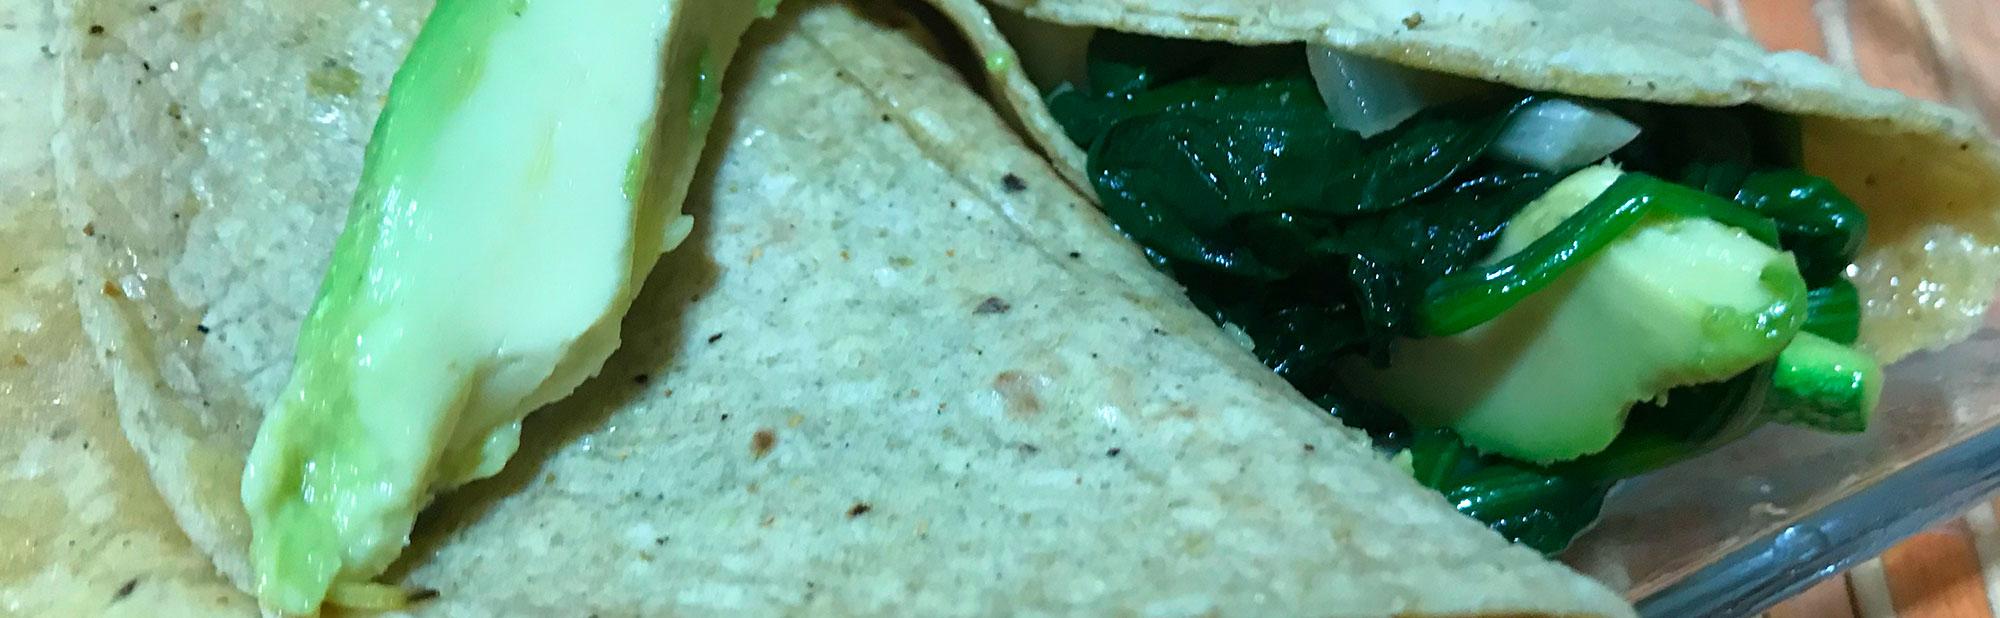 La Antojadera | Tacos de Espinacas y Calabazas